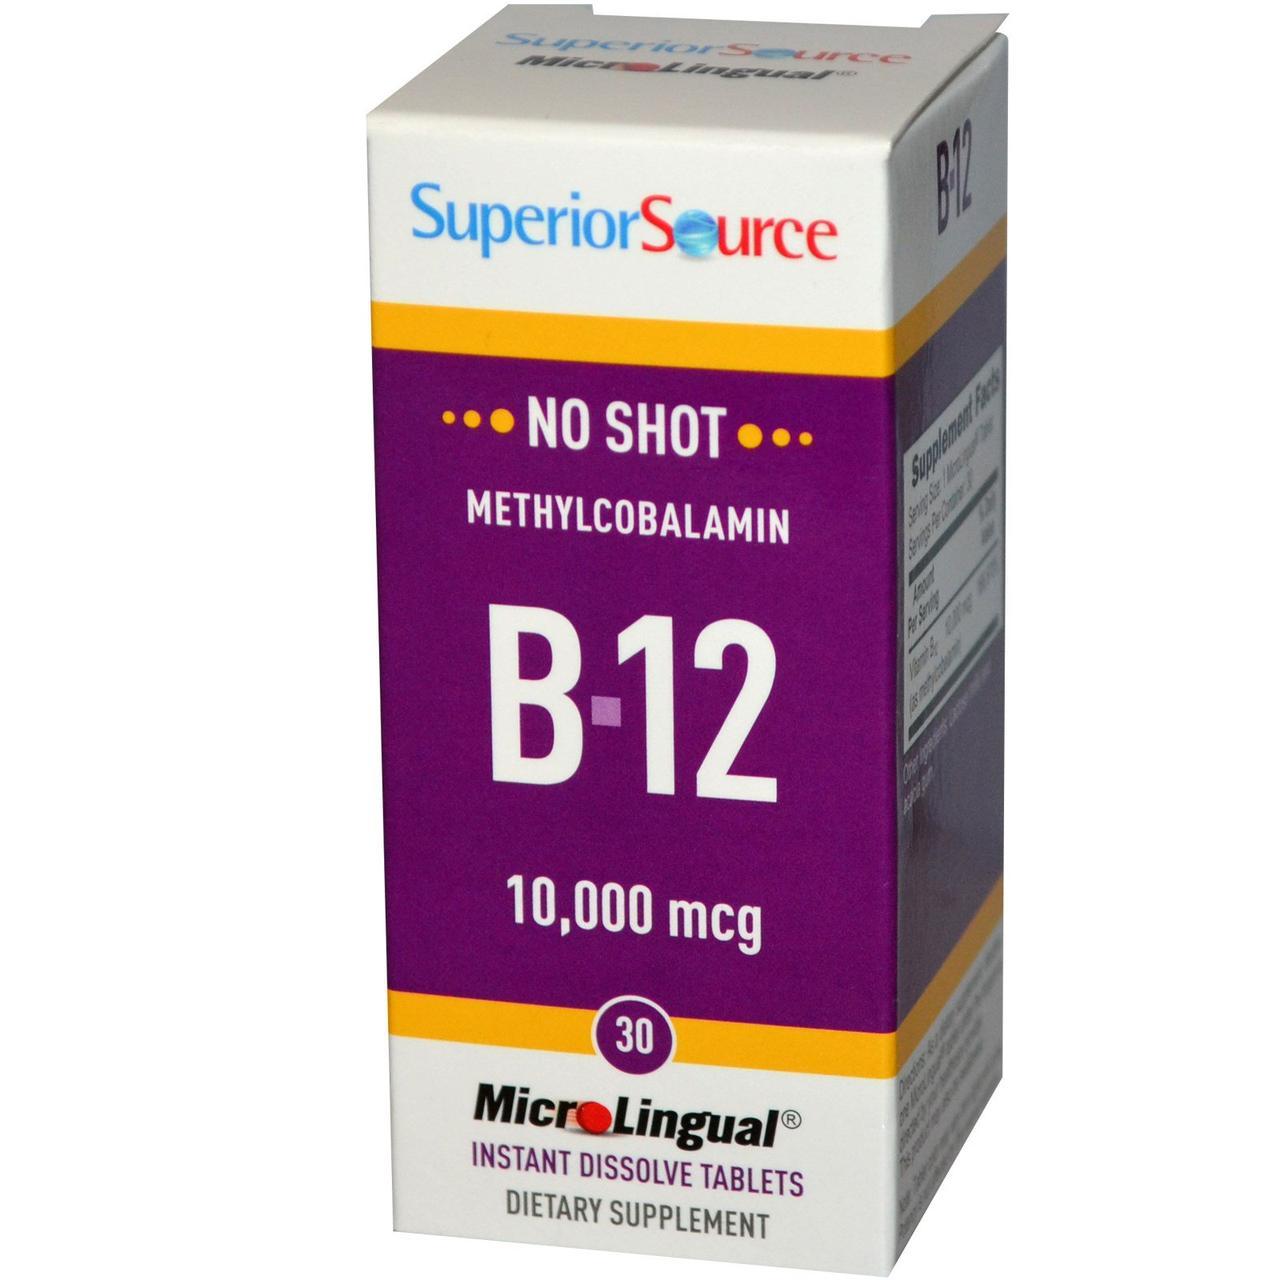 Метилкобаламин (витамин  B-12), Superior Source, 10 000 мкг, 30 быстрорастворимых микролингвальный таблеток